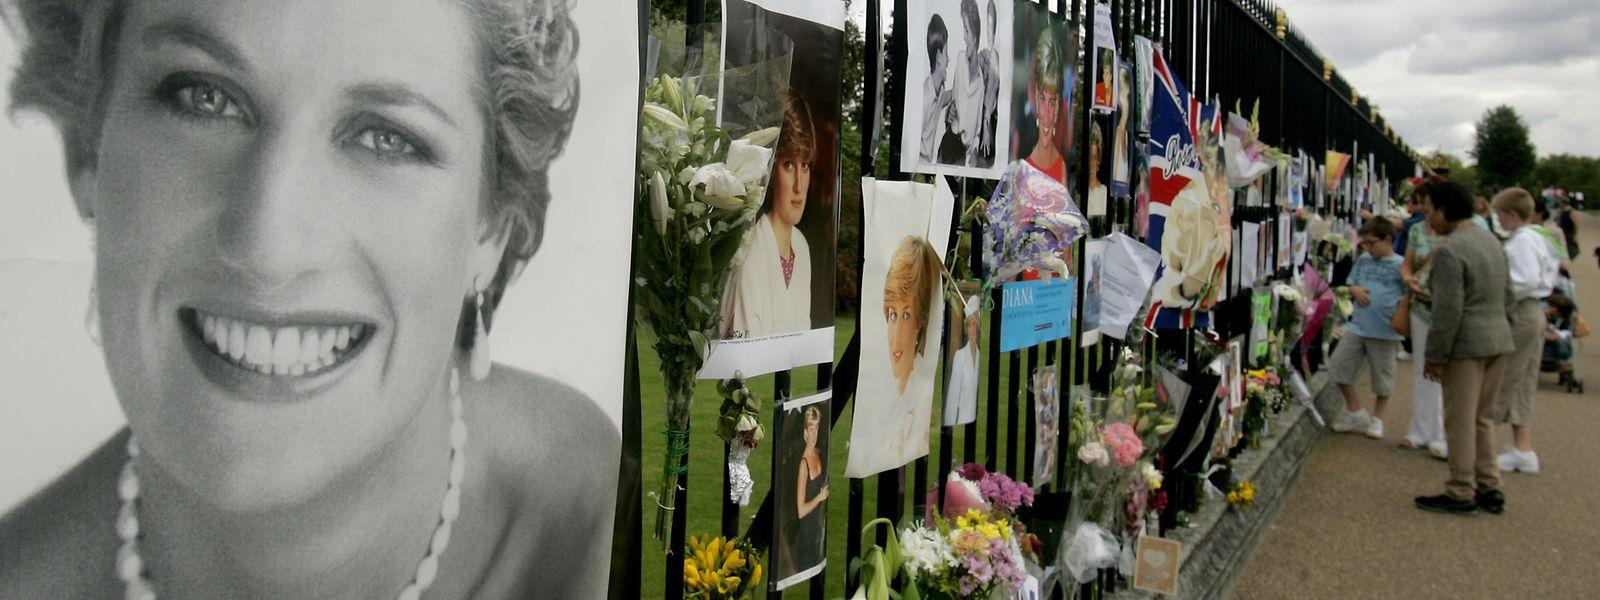 Fotos der verstorbenen Prinzessin am Zaun des Kenstington Palace.